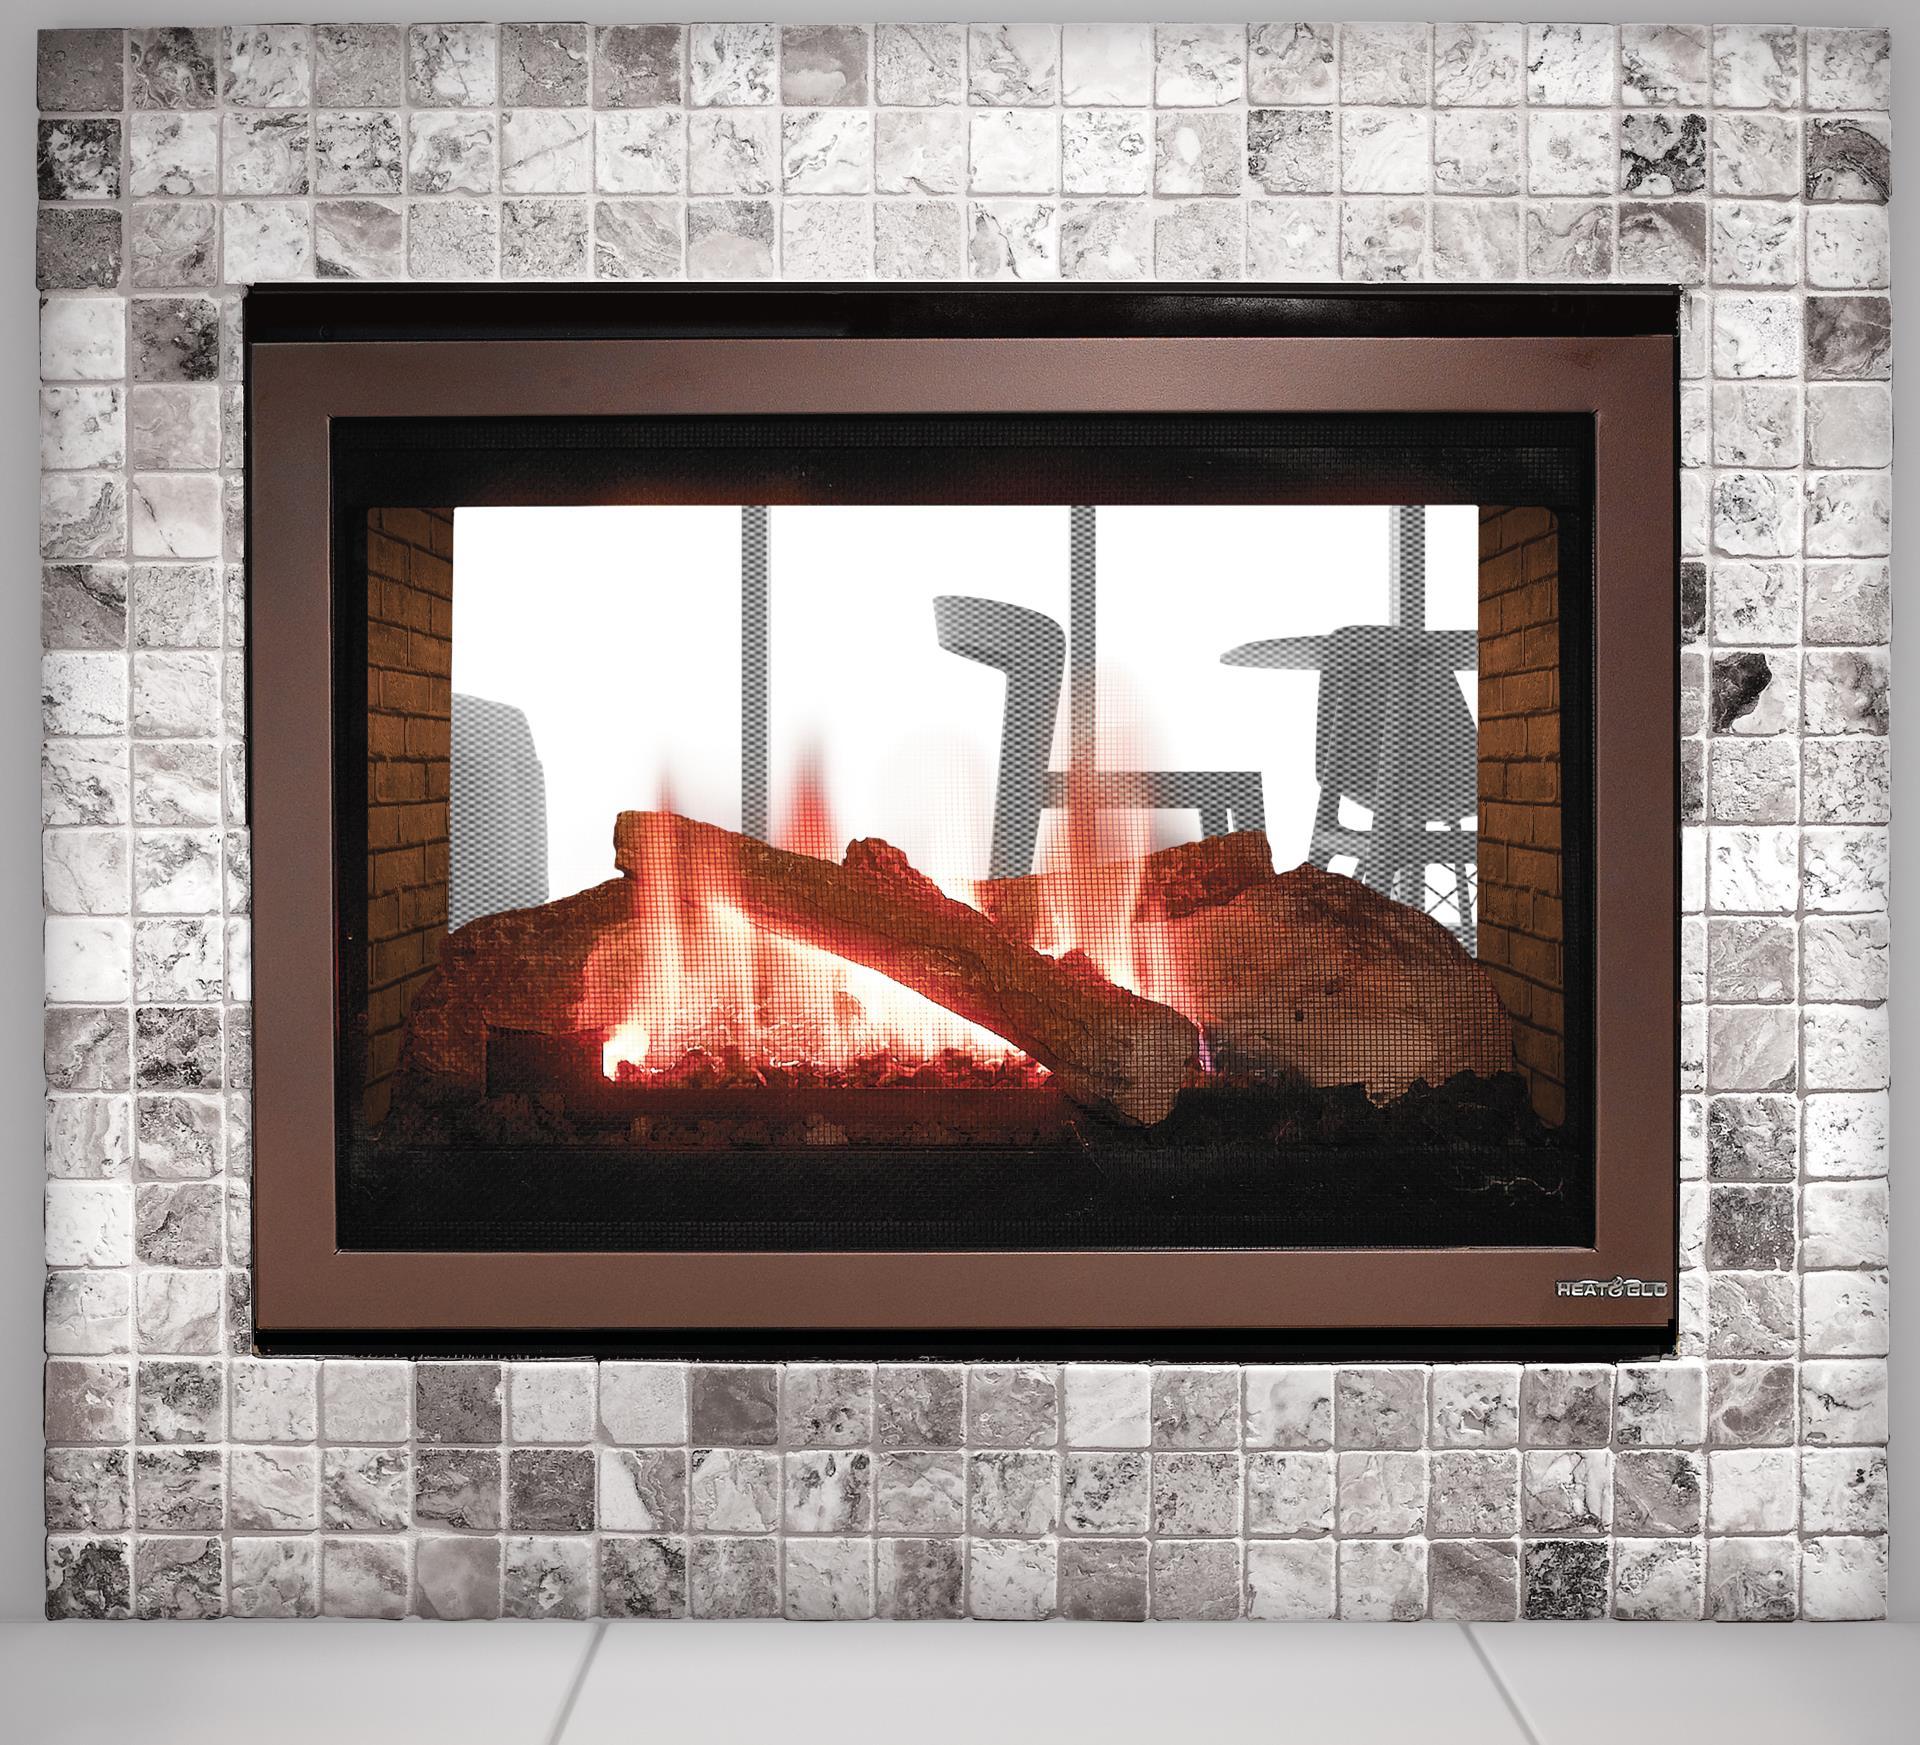 Heat & Glo ST-550 32''